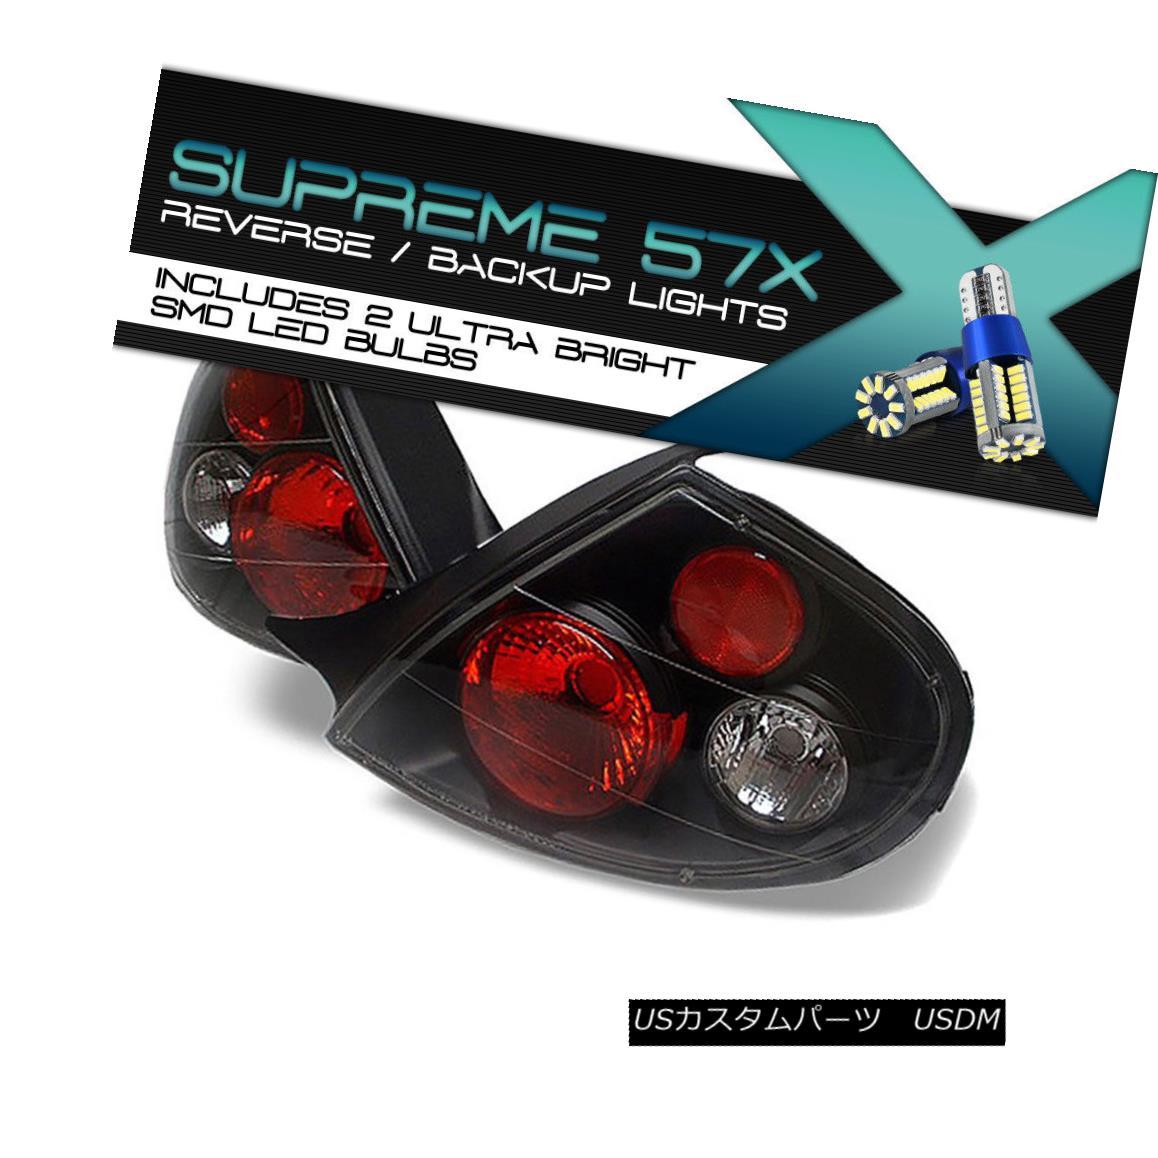 テールライト !360 DEGREE SMD BACKUP! 2000-2002 Dodge Neon L+R Black Altezza Tail Light Brake 360°SMDバックアップ! 2000-2002ダッジネオンL + Rブラックアルテッツァテールライトブレーキ